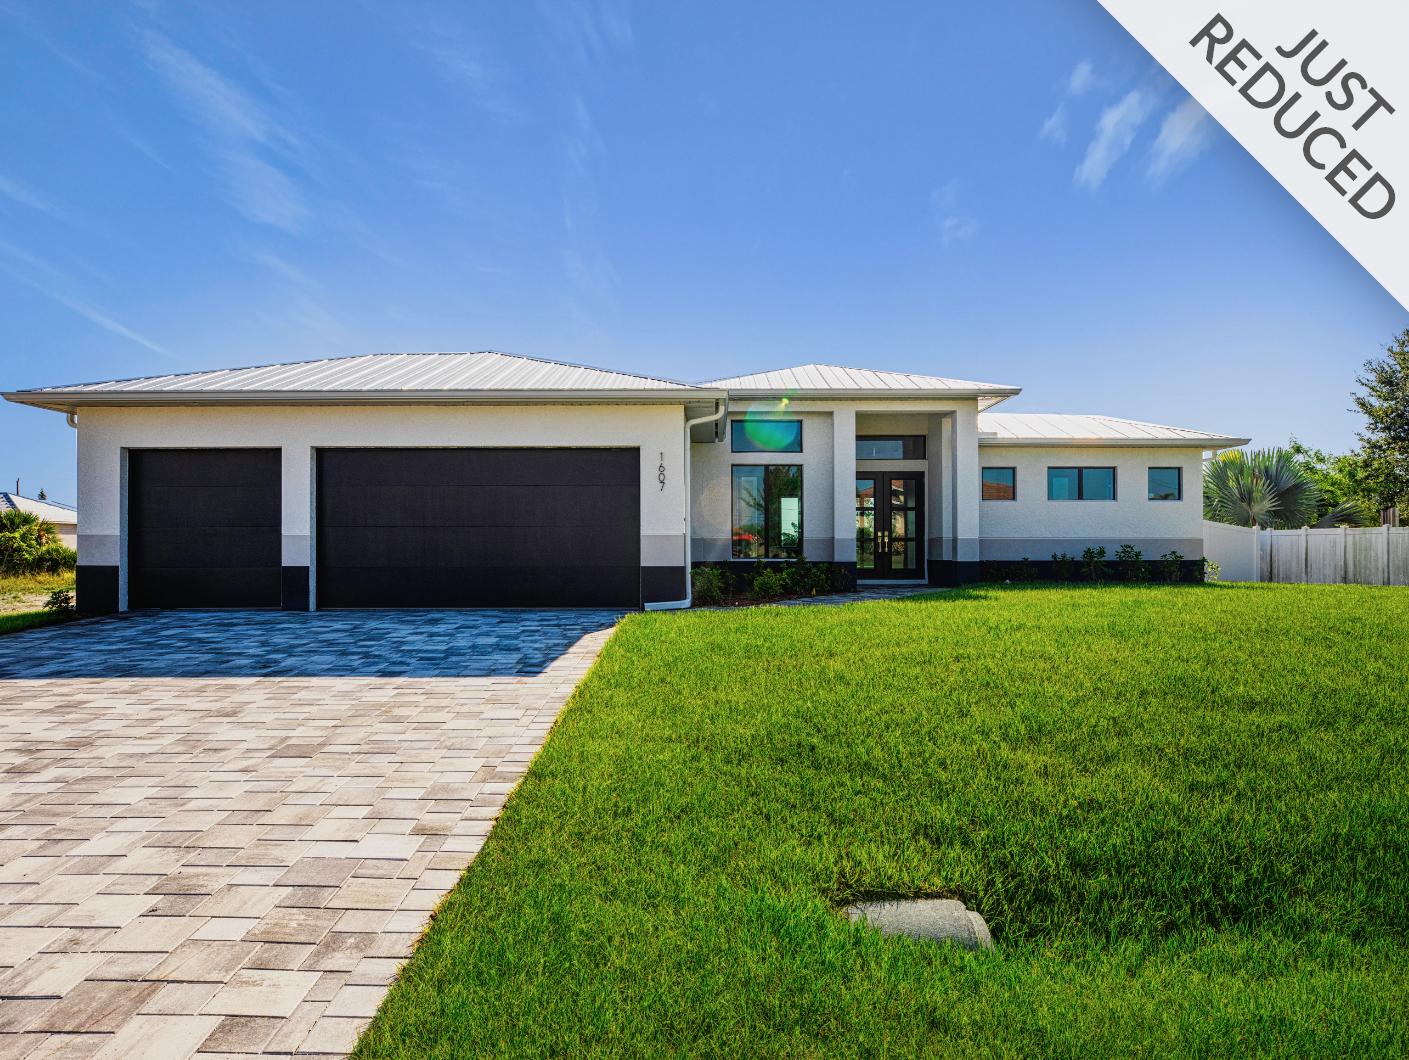 Casas en venta en estados unidos 2020 1